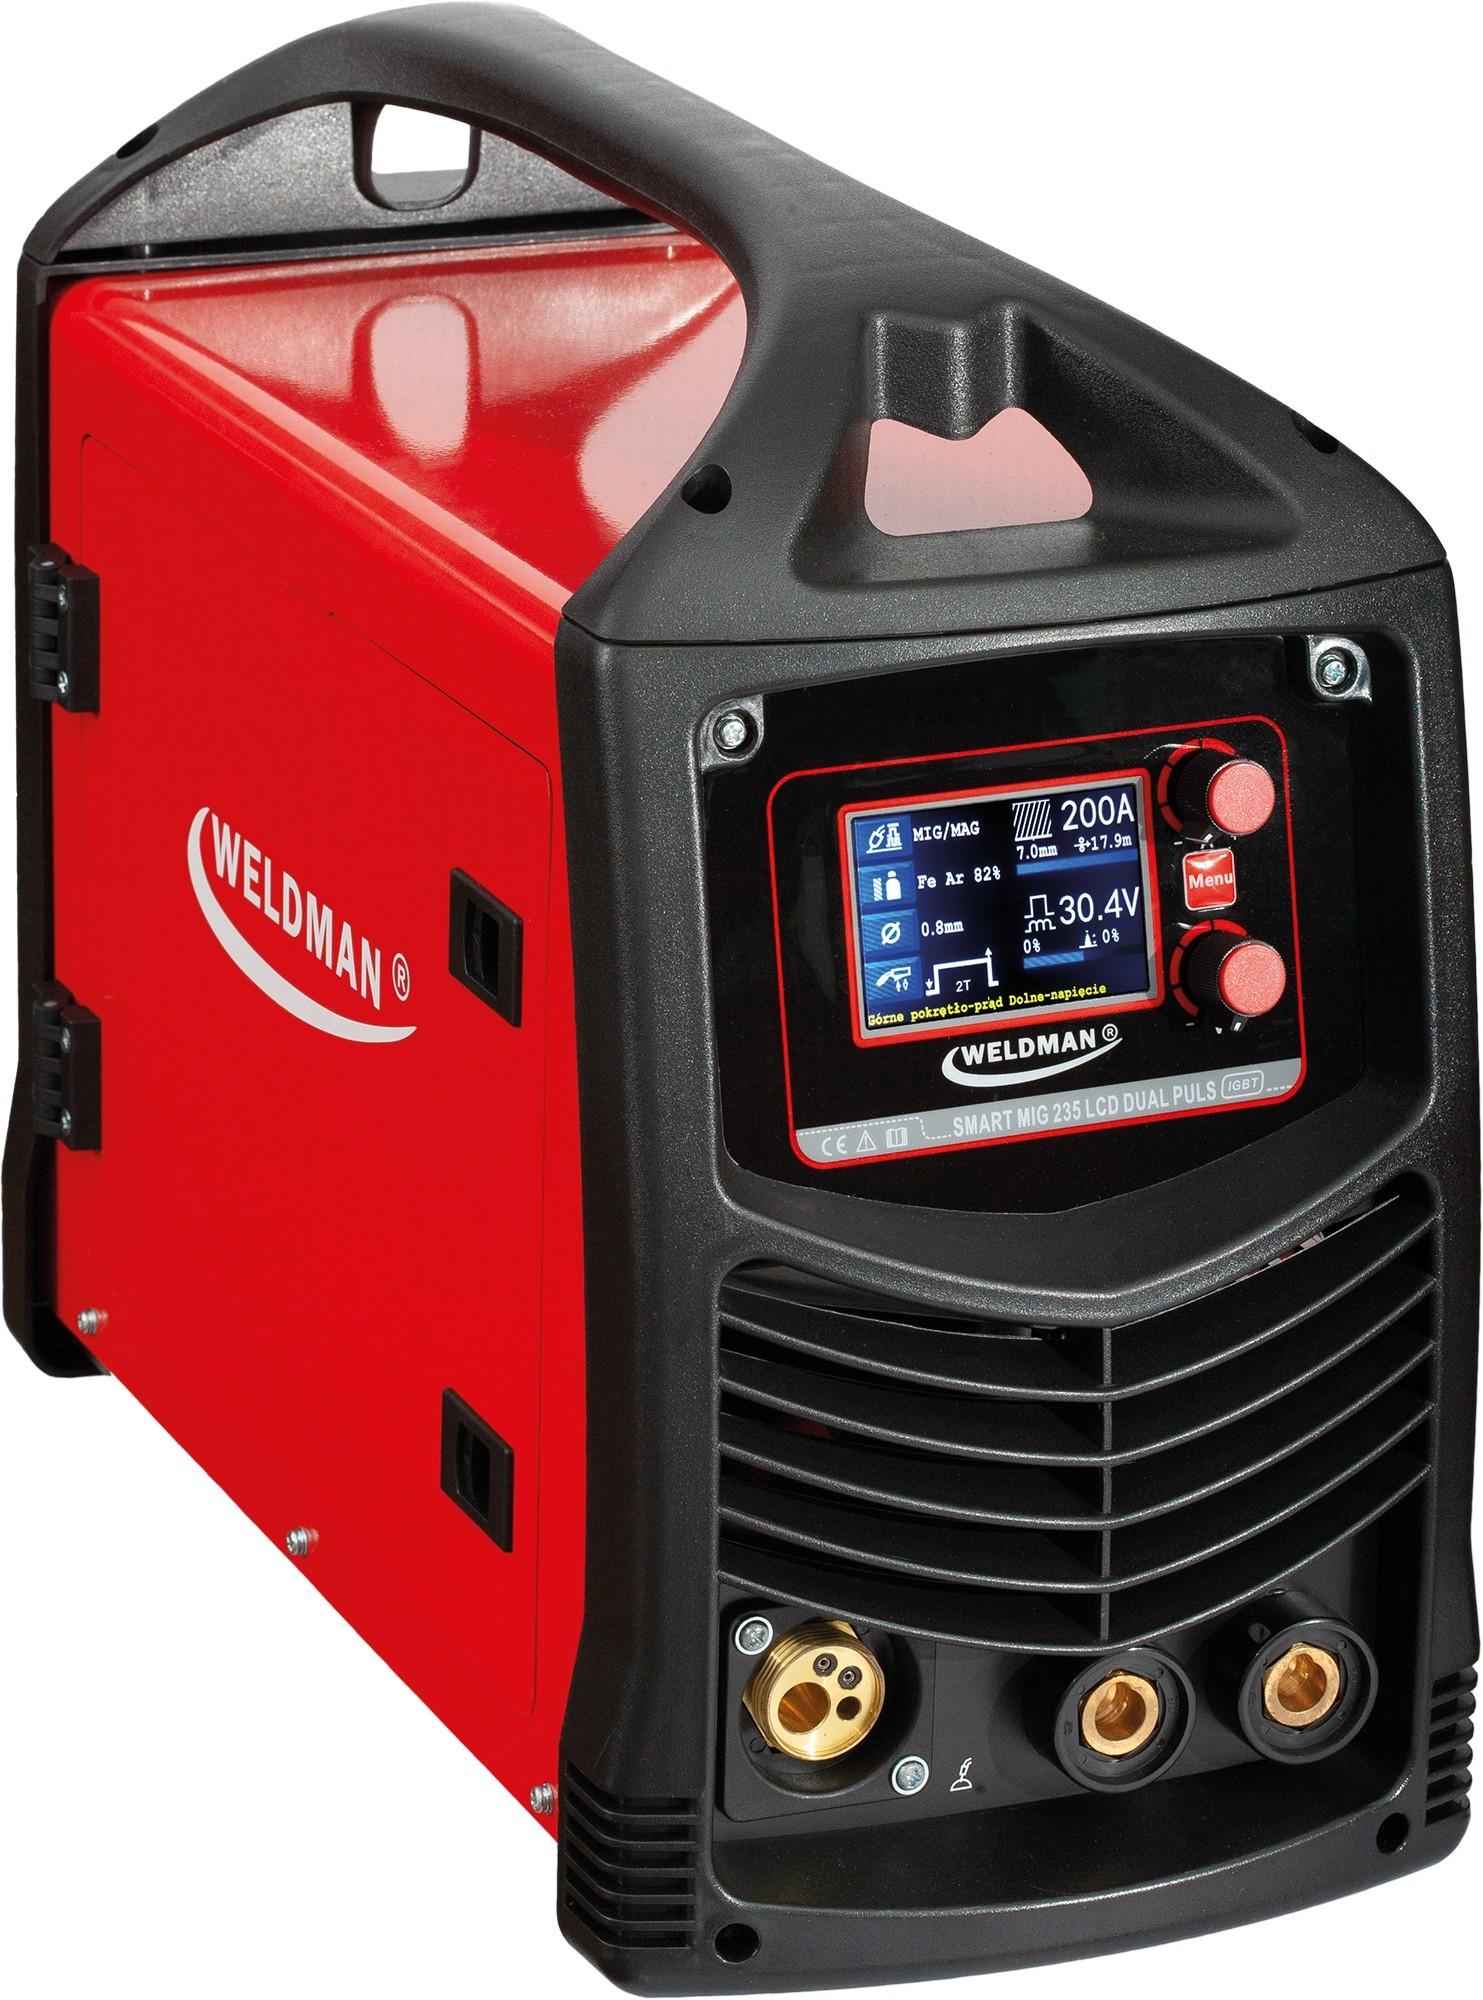 Weldman Spawarka Smart MIG 235 LCD Syn Dual Puls - zestaw : Wyposażenie - pakiety - Pakiet akcesoriów 4 103 134_pakiet4